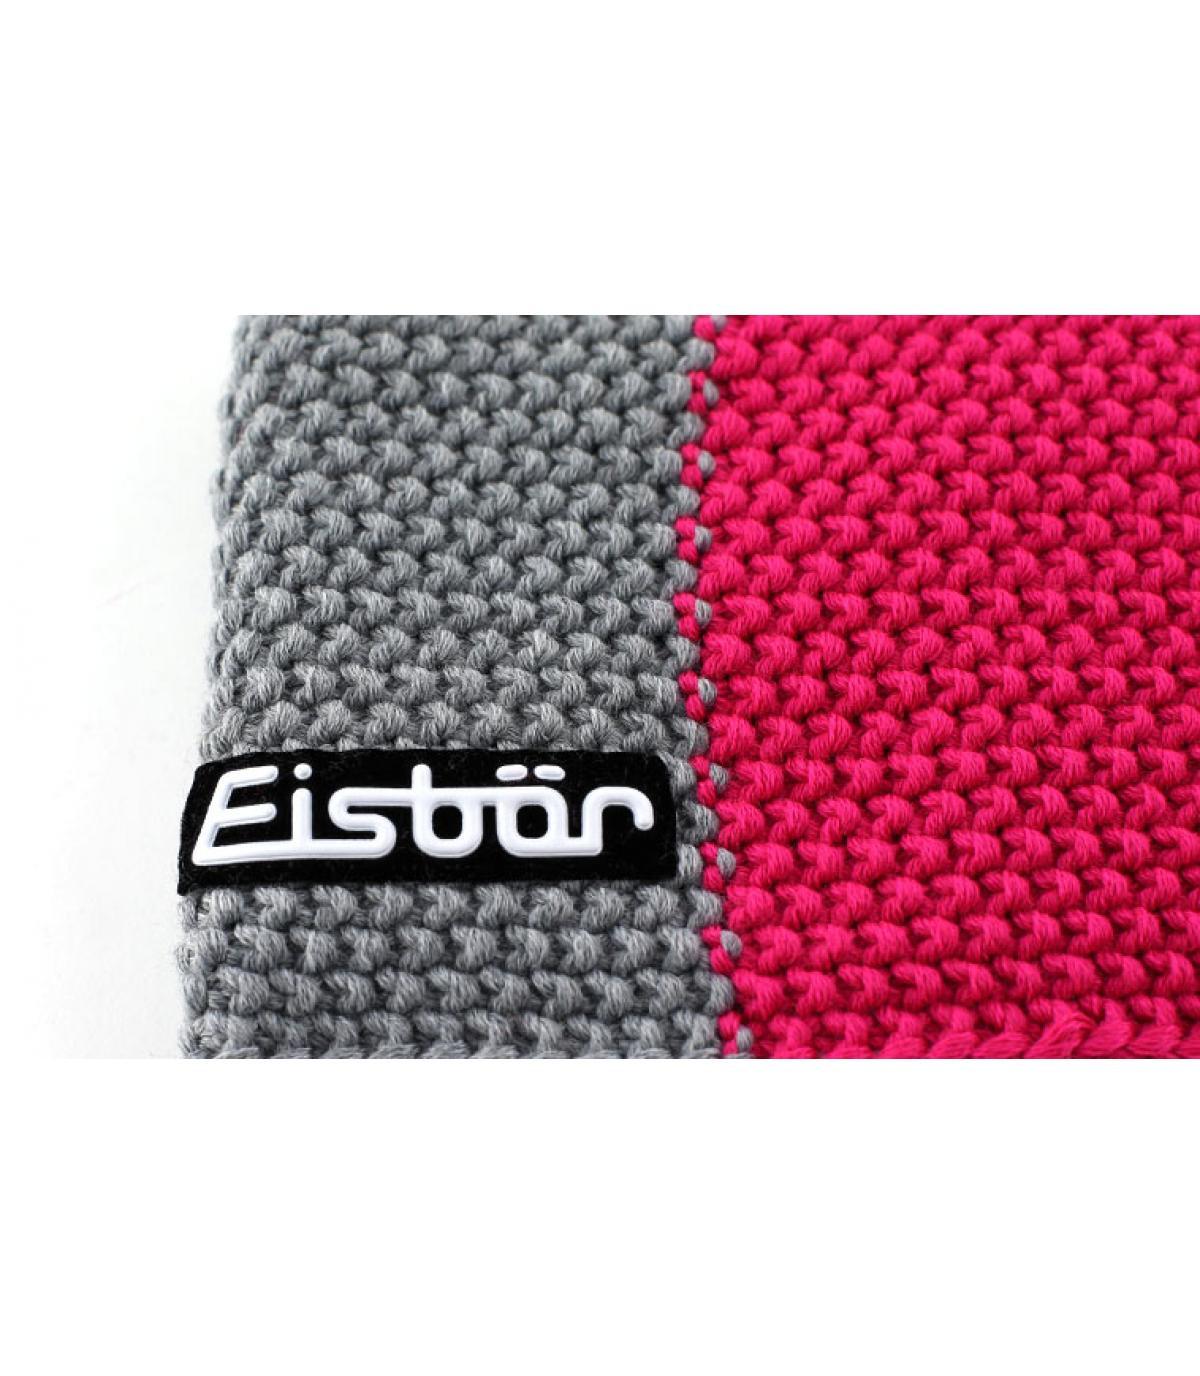 bandeau ski eisbar rose bandeau jamie flag rose par eisbar. Black Bedroom Furniture Sets. Home Design Ideas